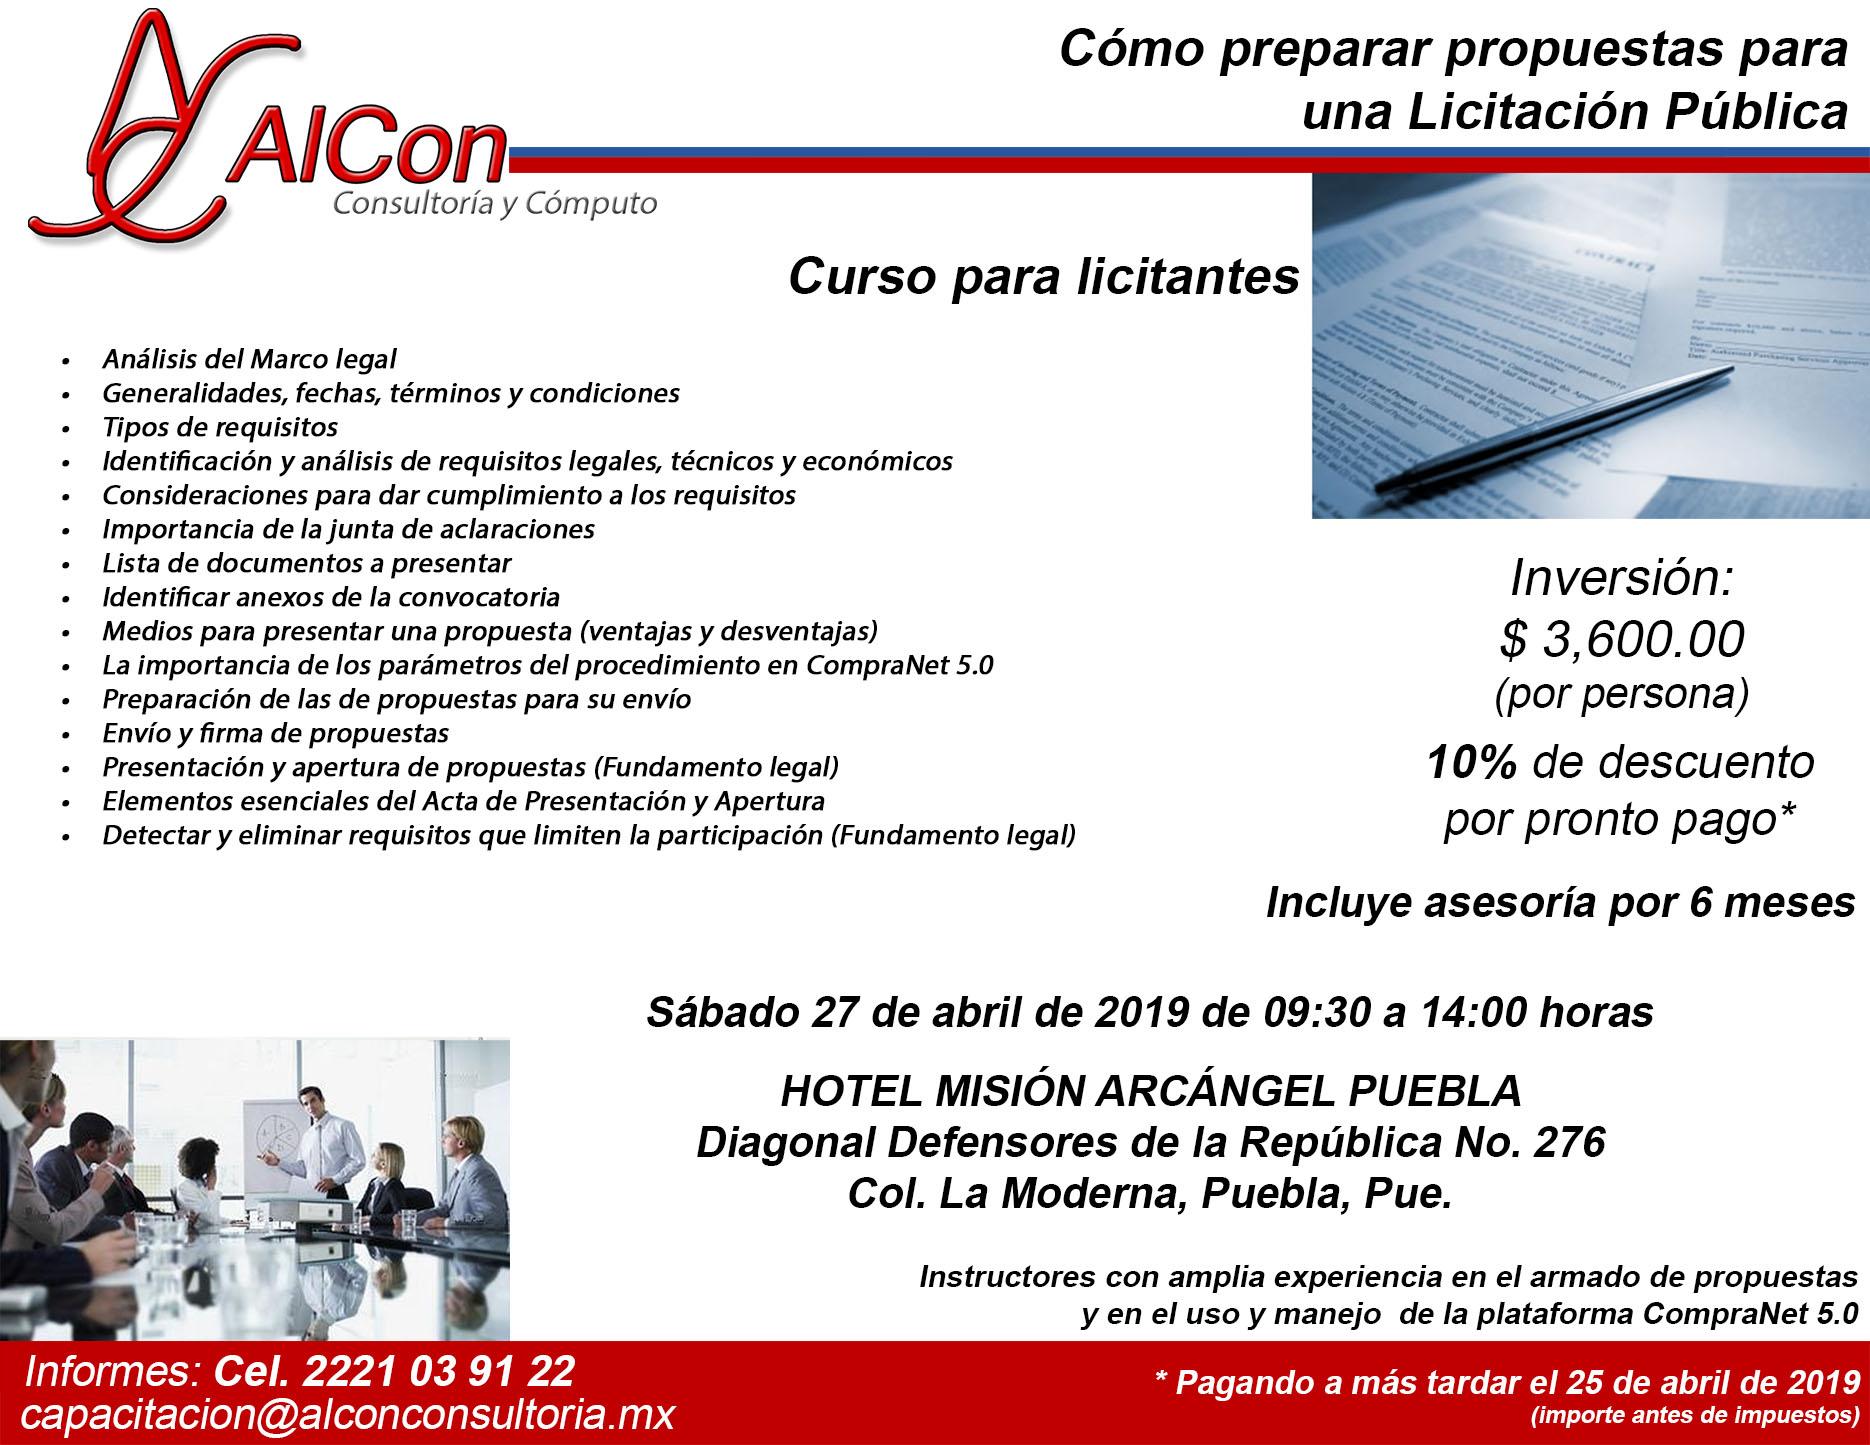 Preparar Propuestas para una licitación pública, AlCon Consultoría y Cómputo